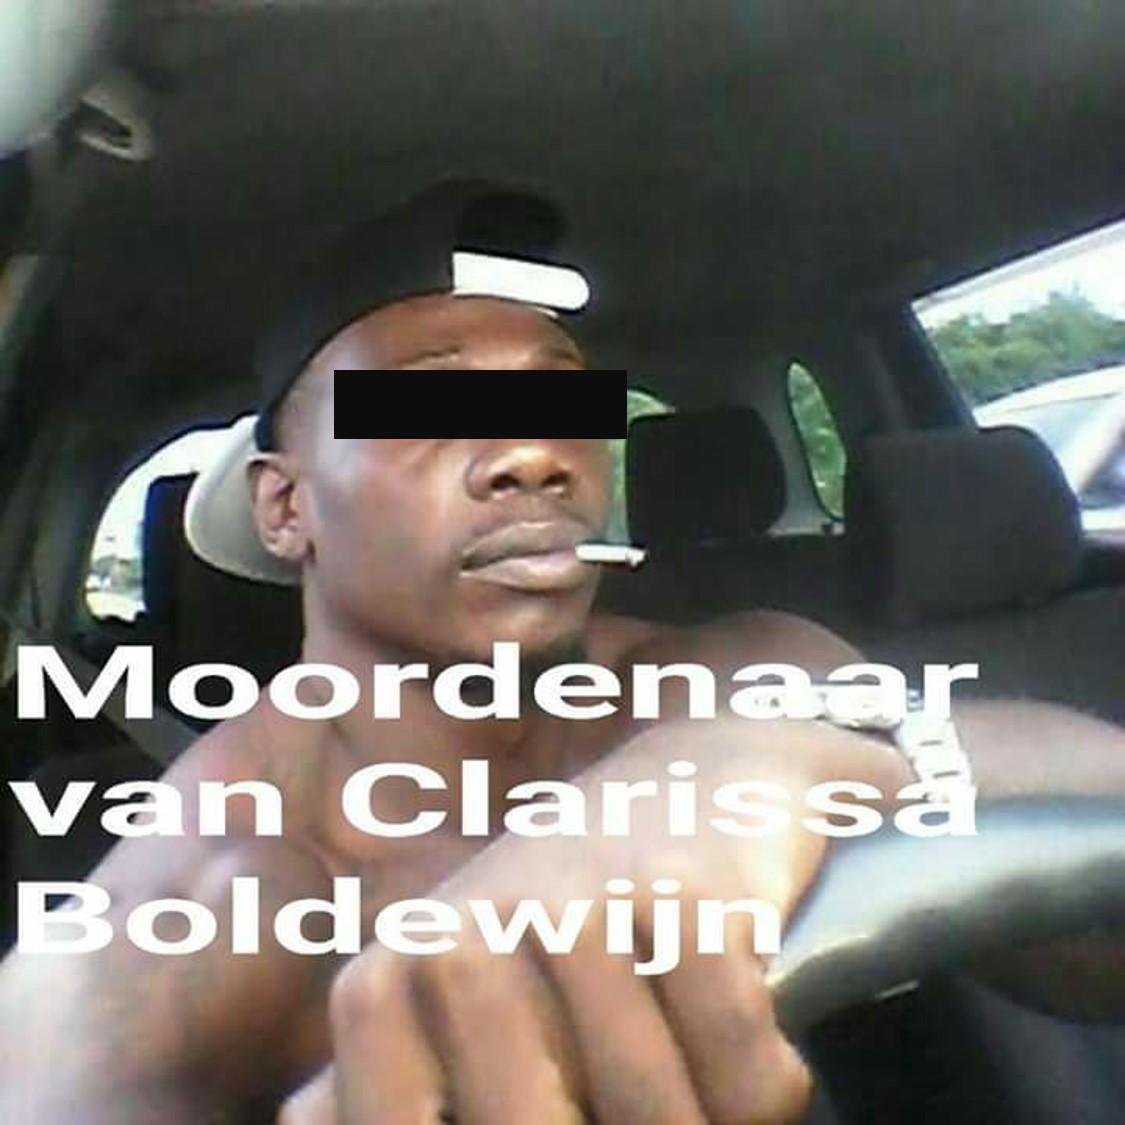 moordenaar Boldewijn Suriname FamilieNieuws